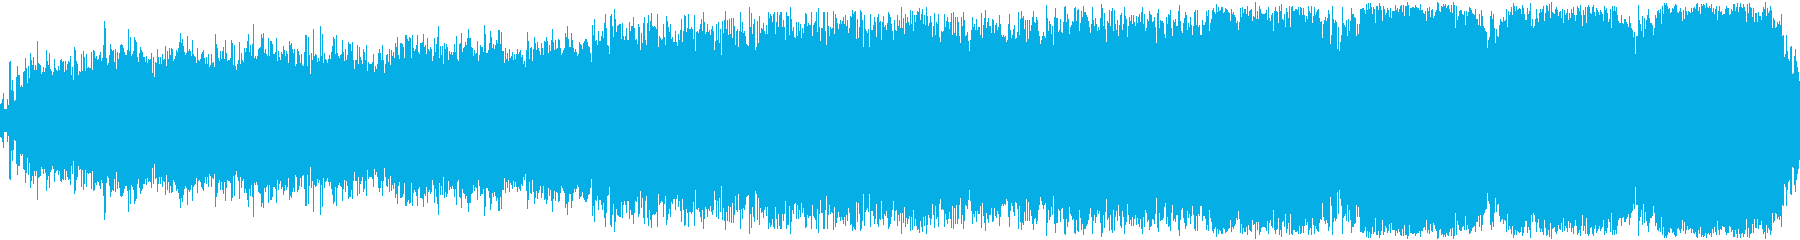 怪しい異次元の世界を想像させるシンセの曲の再生済みの波形